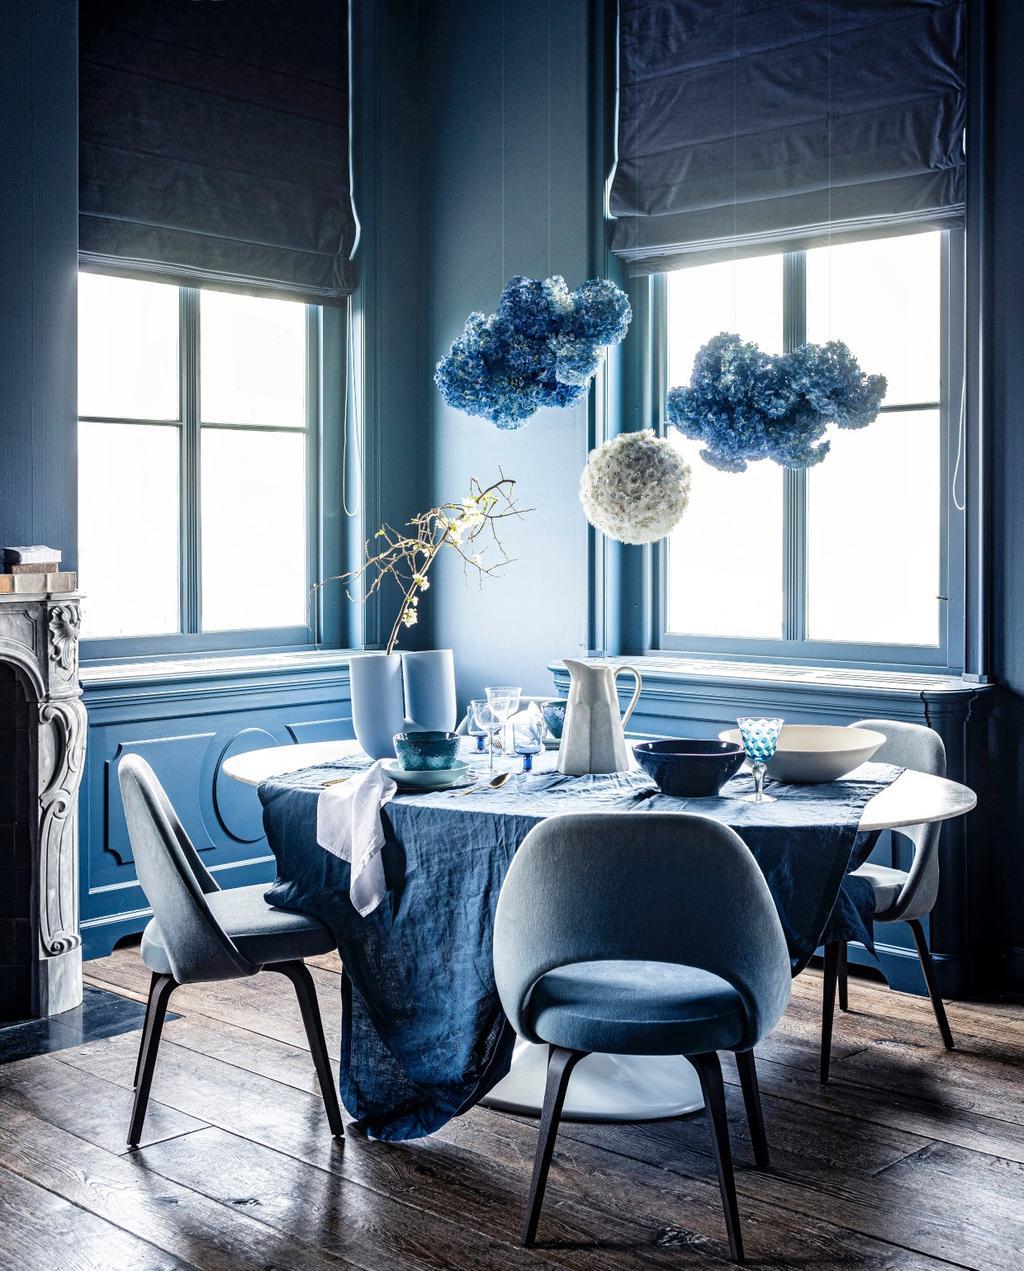 vtwonen 07-2020 | styling blauw ronde eettafel met blauwe stoelen en hortensia pompons